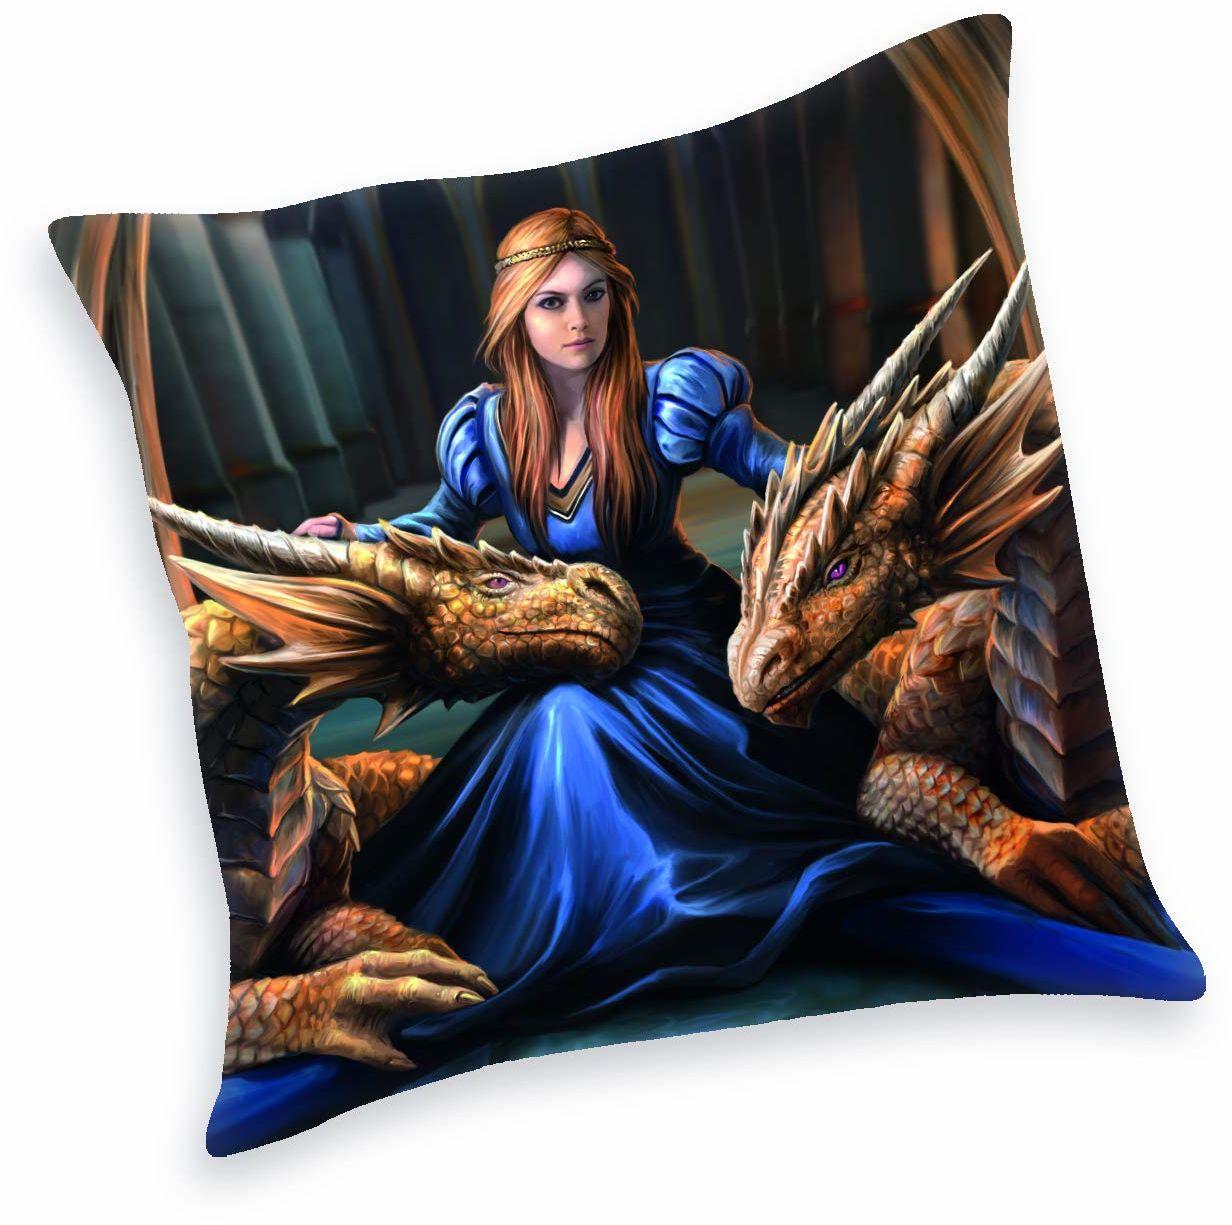 Herding Anne Stokes miękka aksamitna poduszka dekoracyjna, poliester, niebieska, 40 x 40 cm